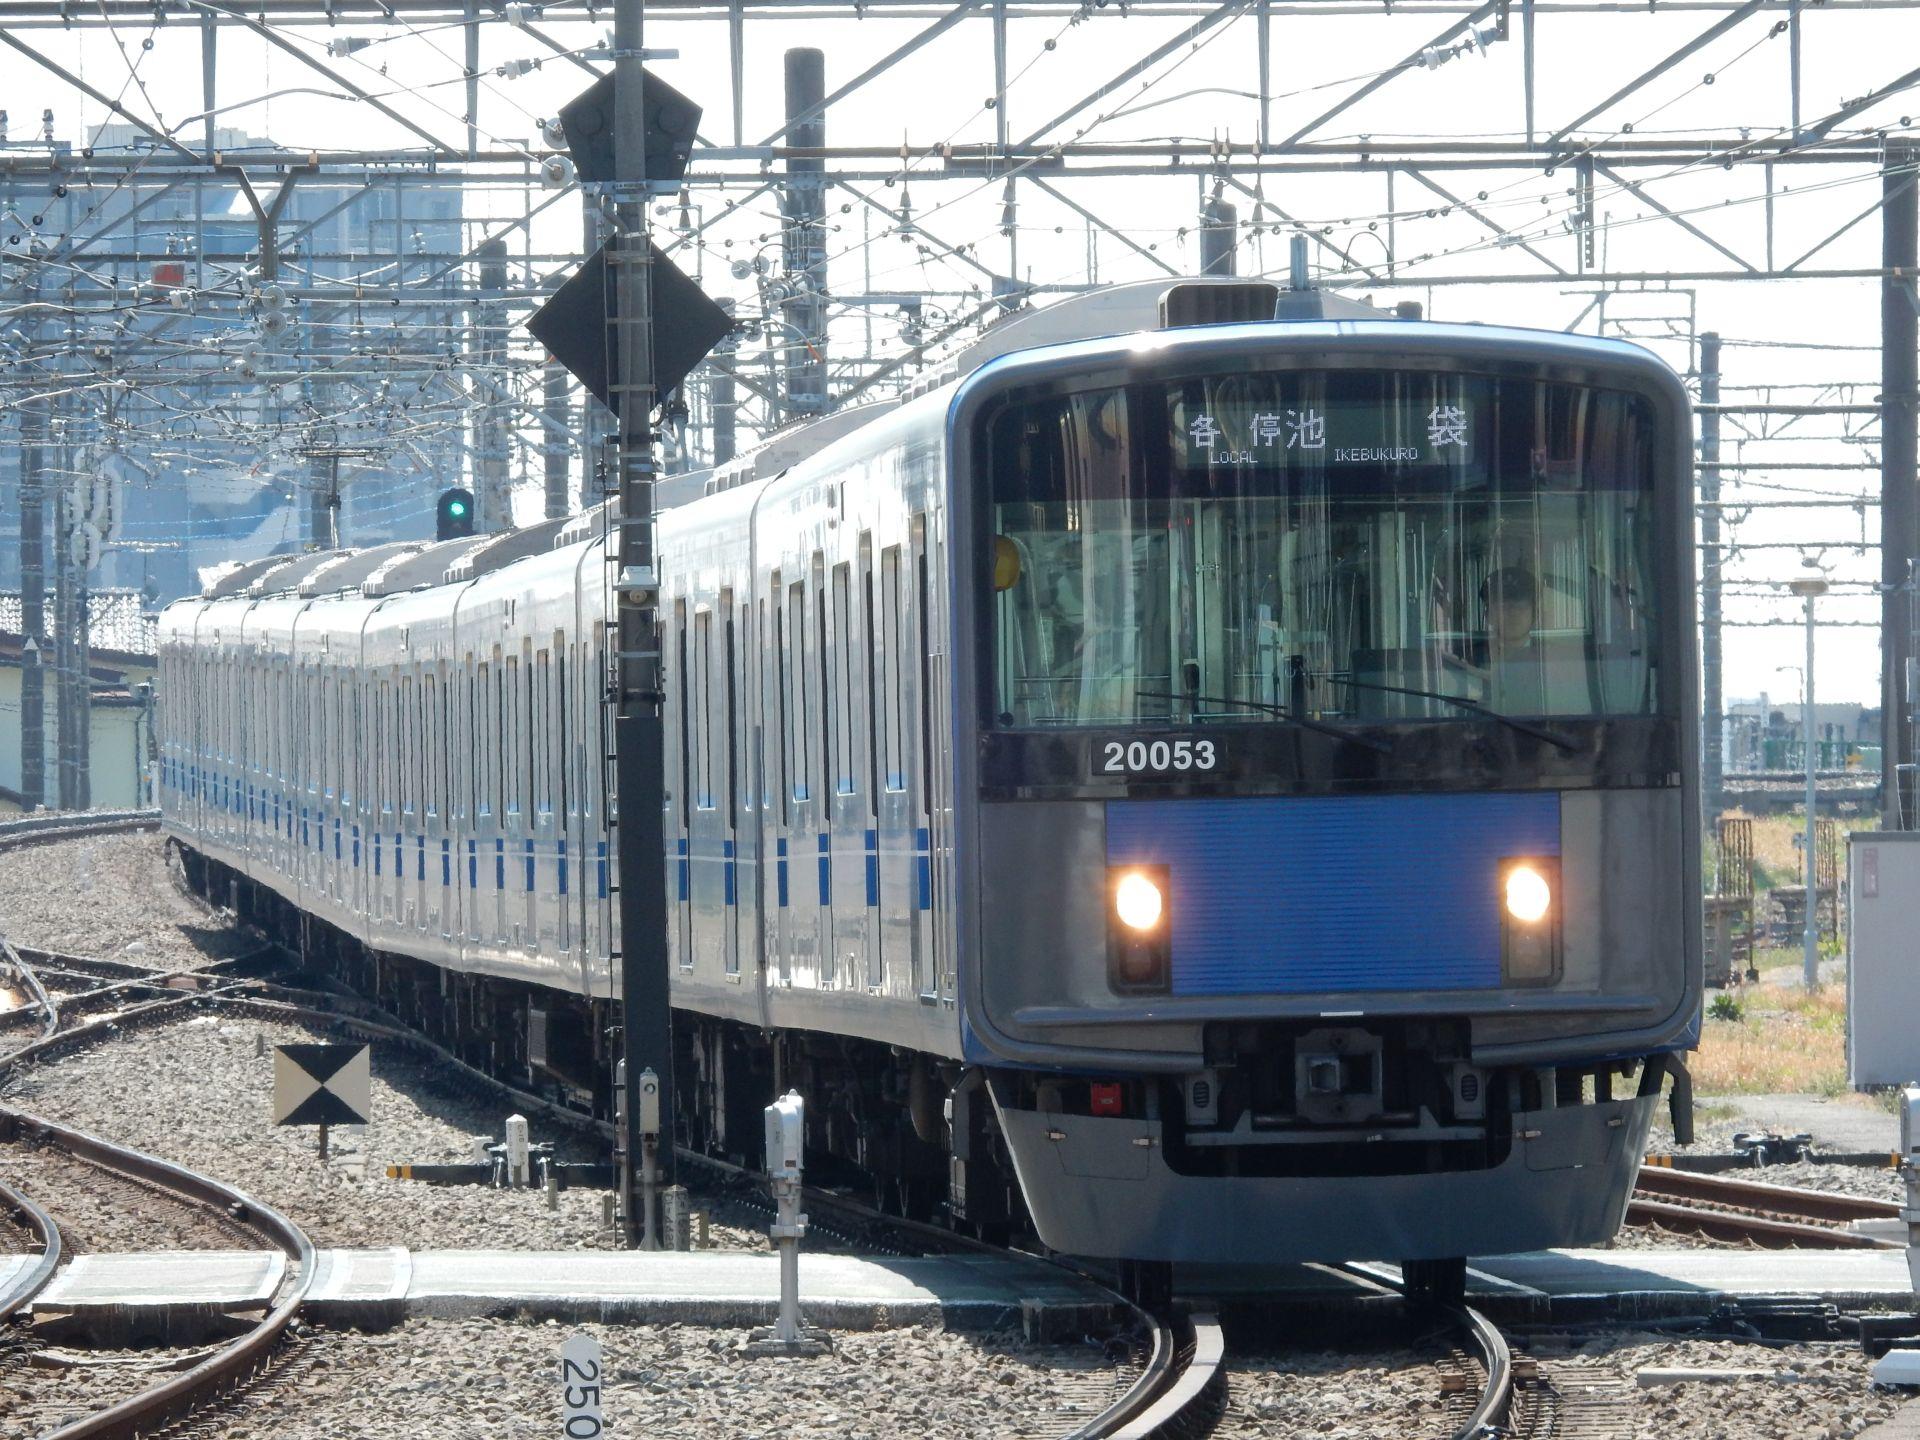 DSCN5600 - コピー